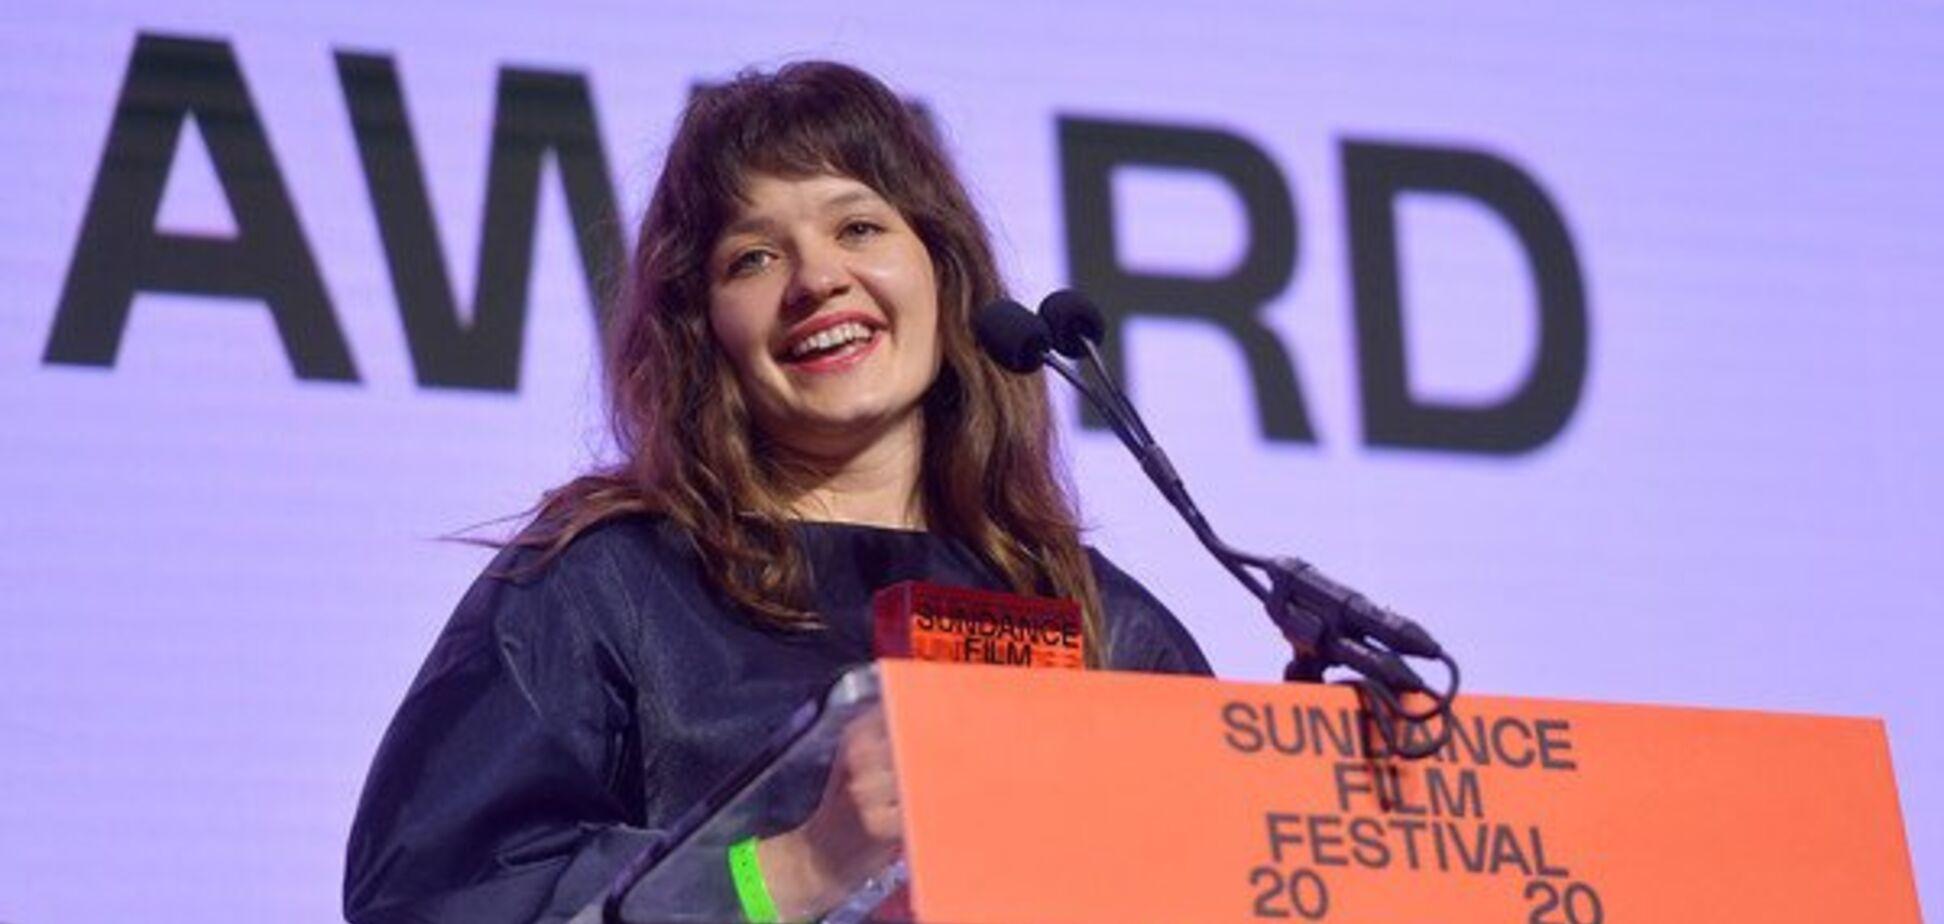 Украинка получила победу на популярнейшем в мире фестивале кино 'Санденс'